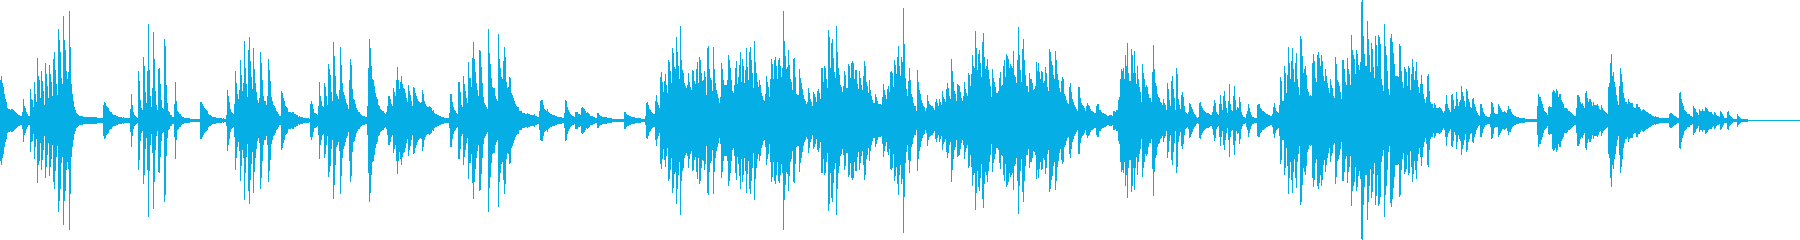 切なくて幻想的なピアノBGM(生演奏)の再生済みの波形